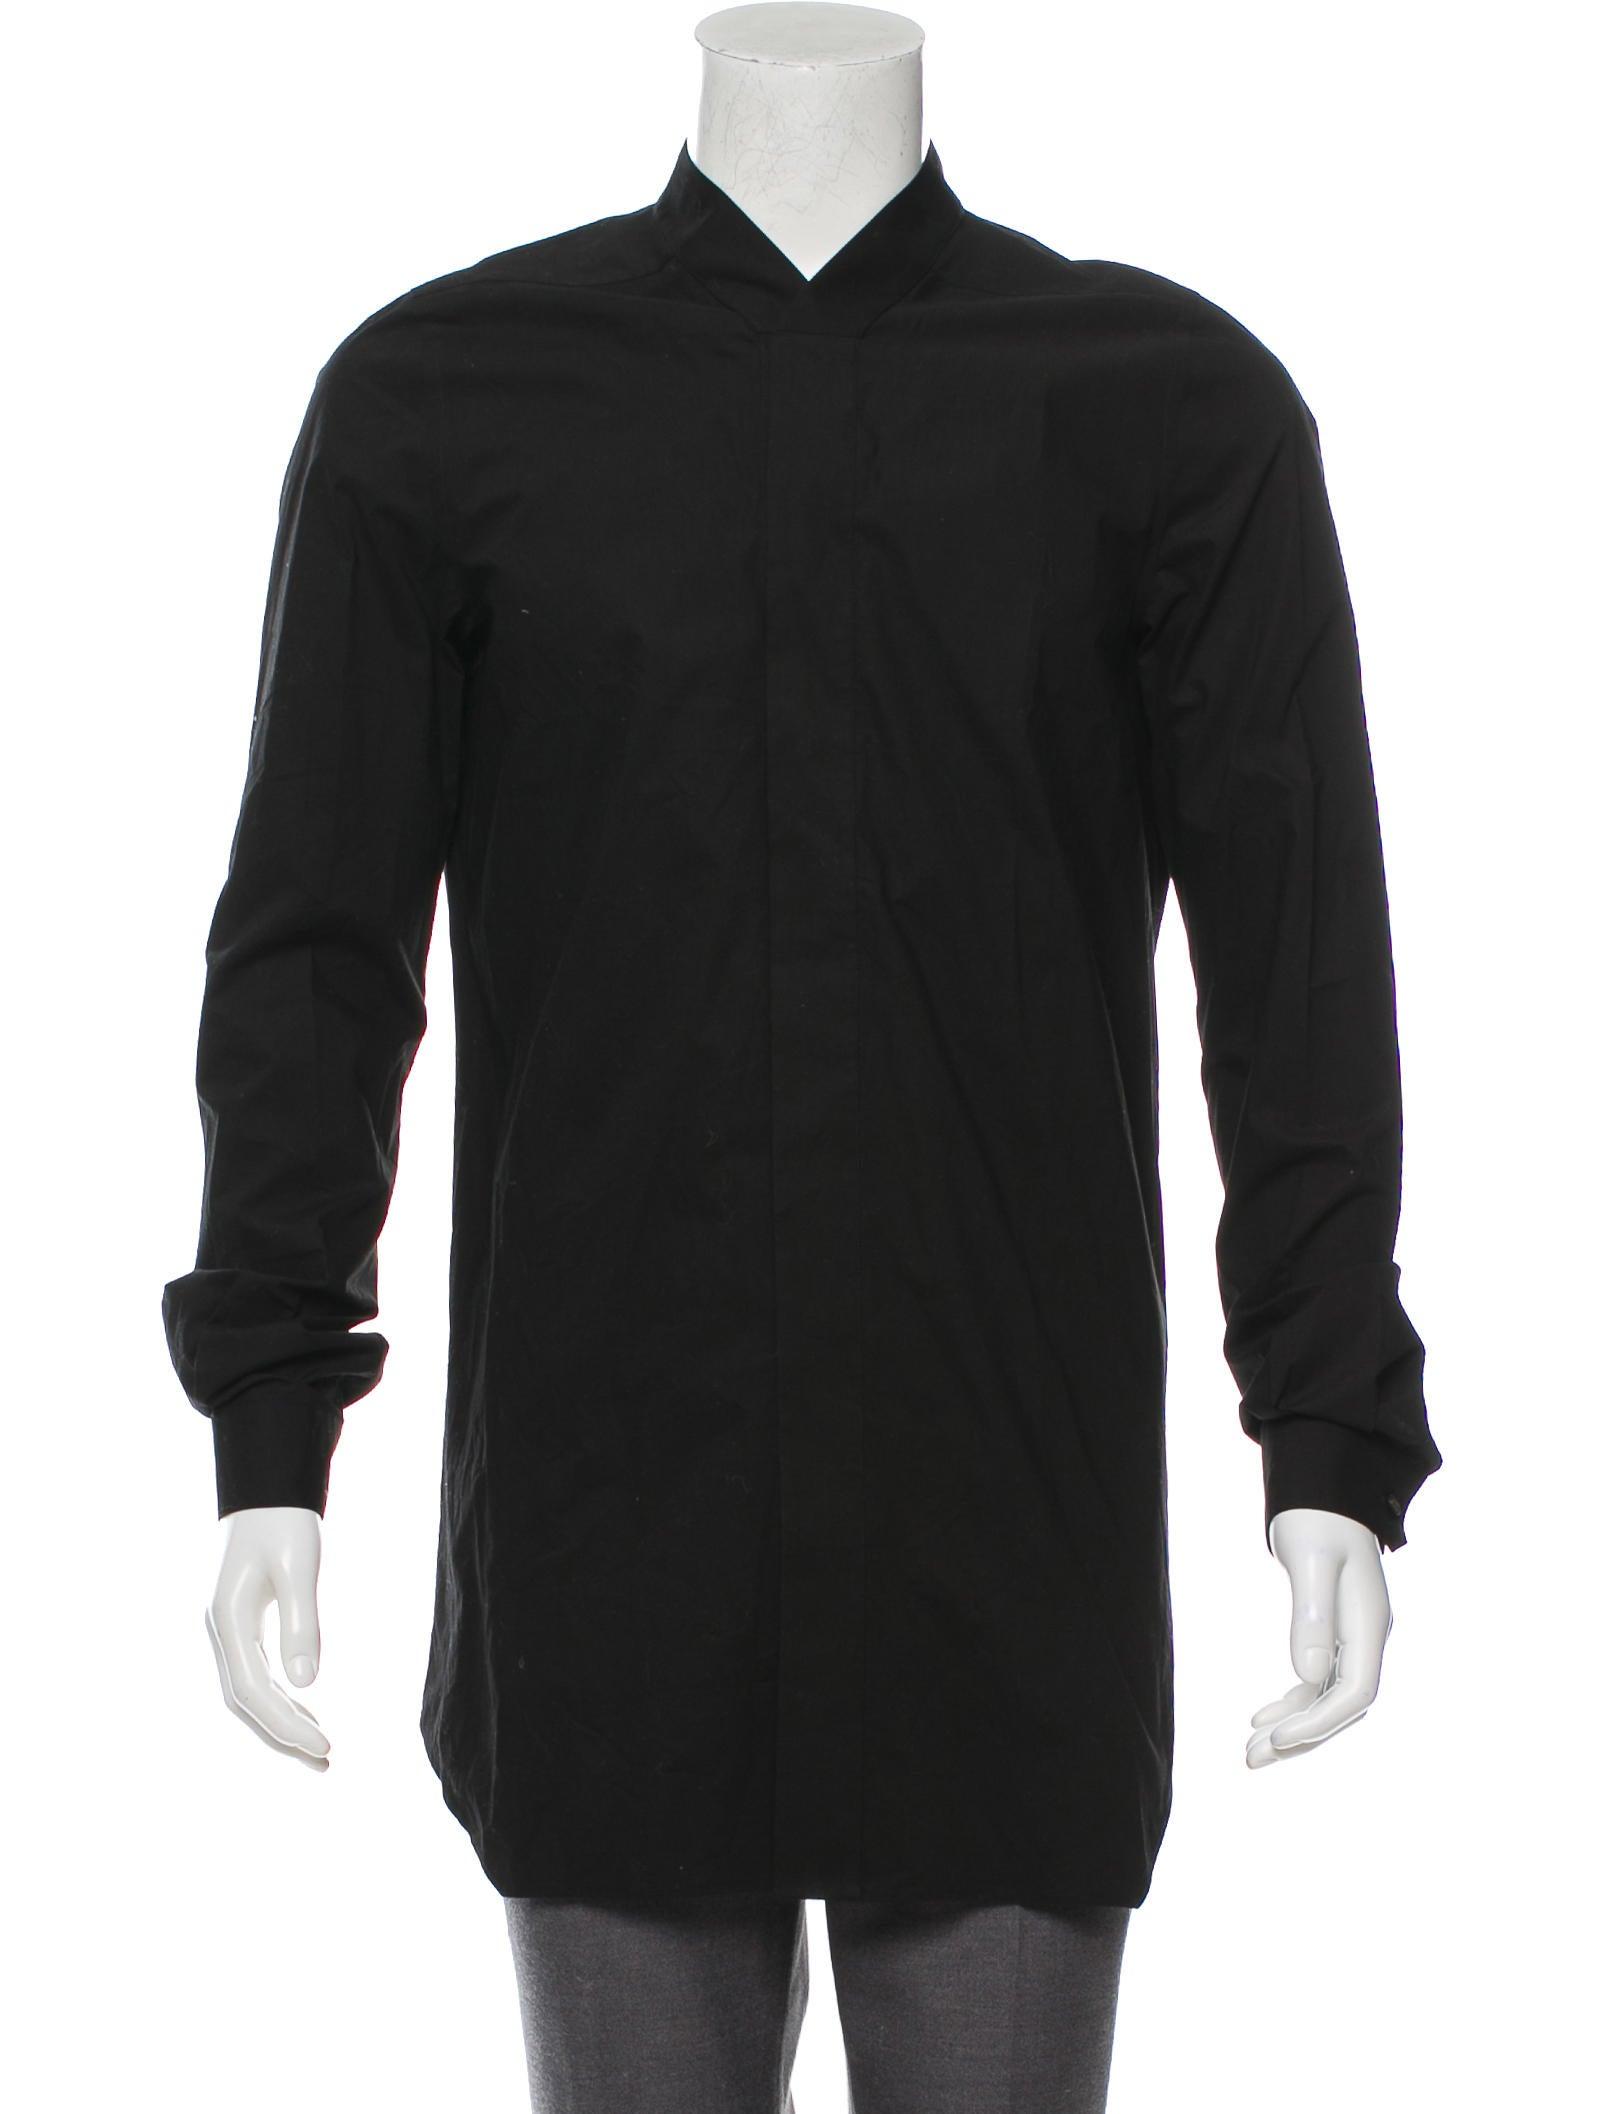 Rick Owens 2016 Dress Shirt Clothing Ric36895 The Realreal